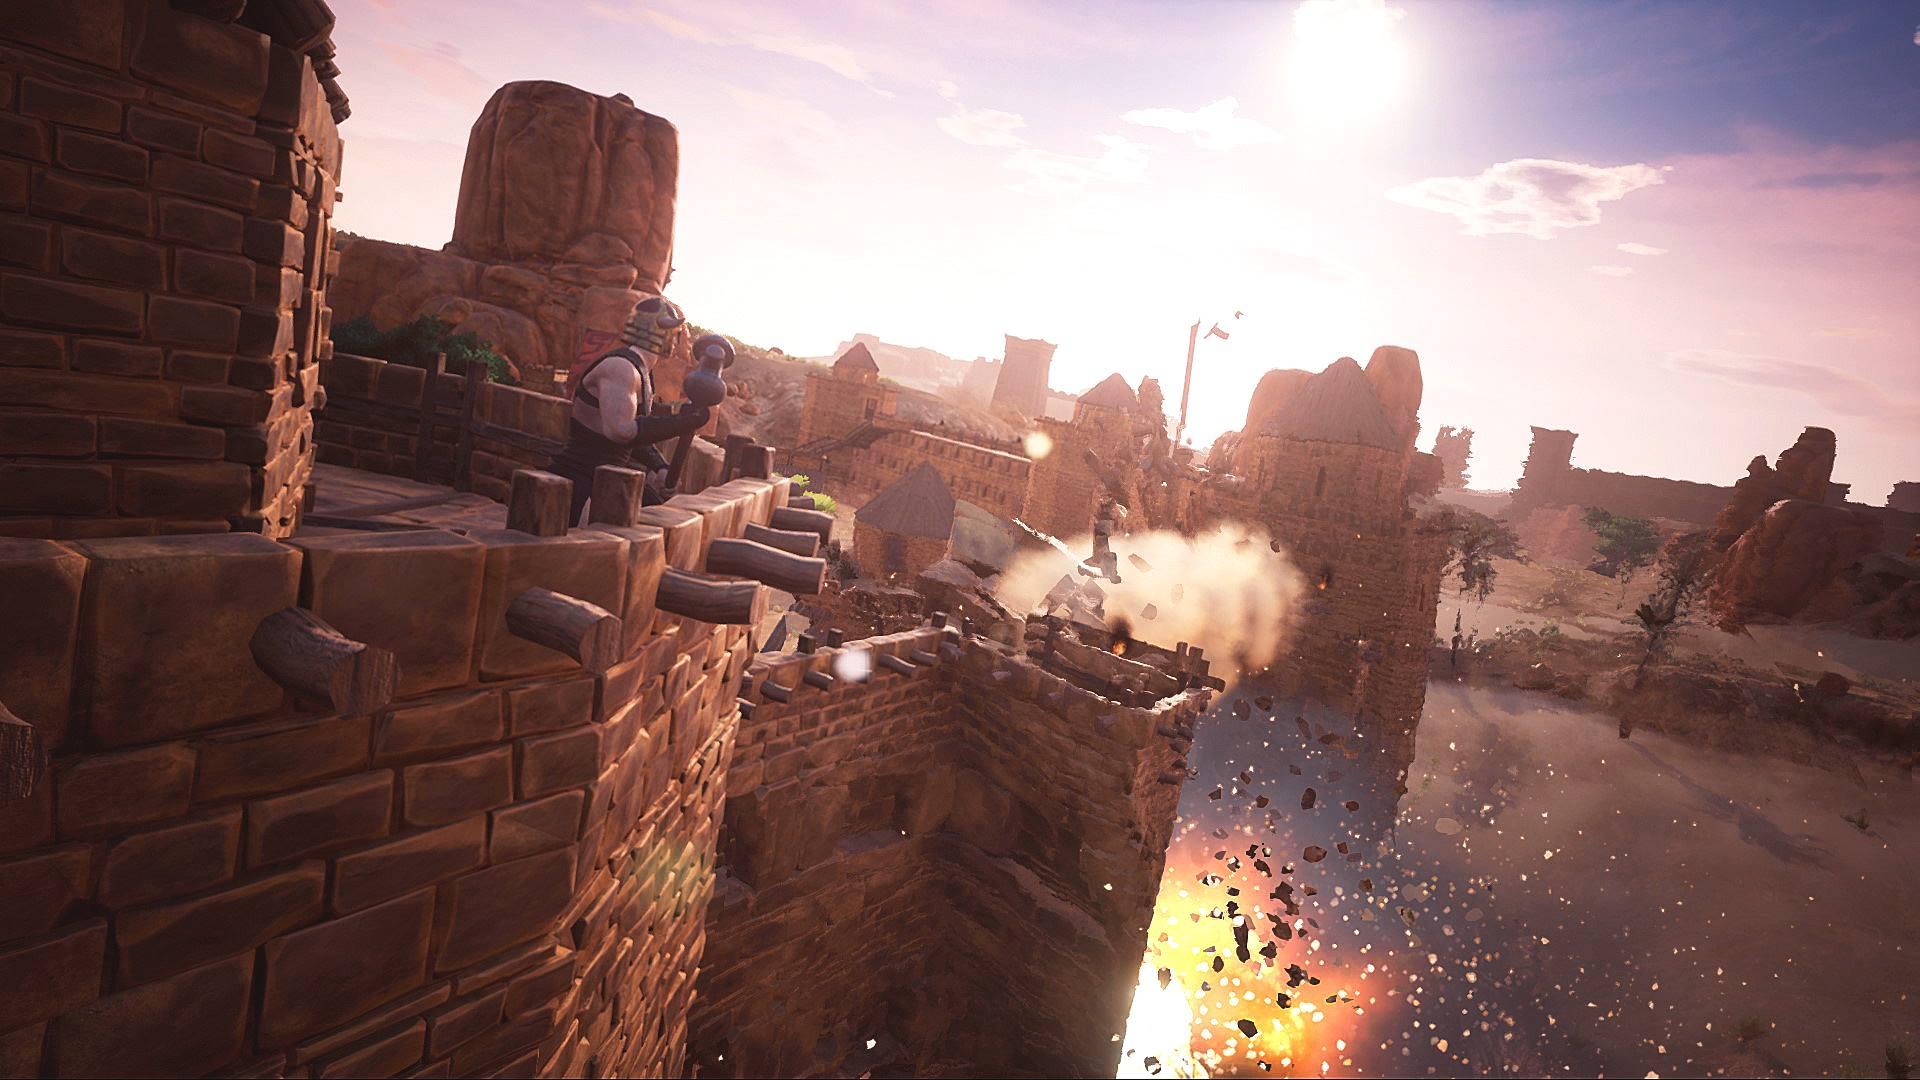 В новом трейлере Conan Exiles показали релизную версию игры